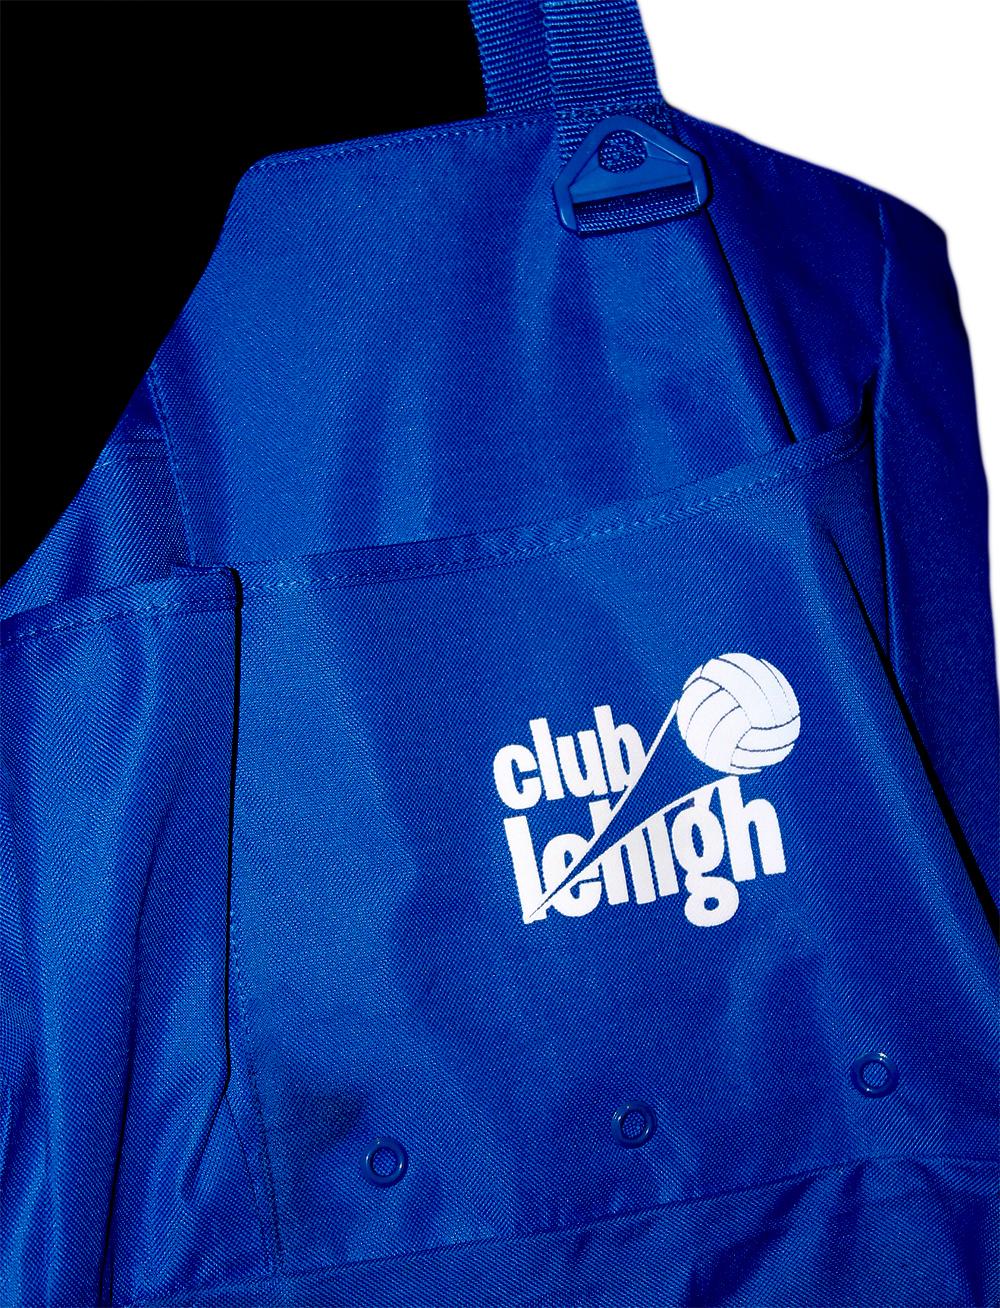 clublehigh_apparel4.jpg